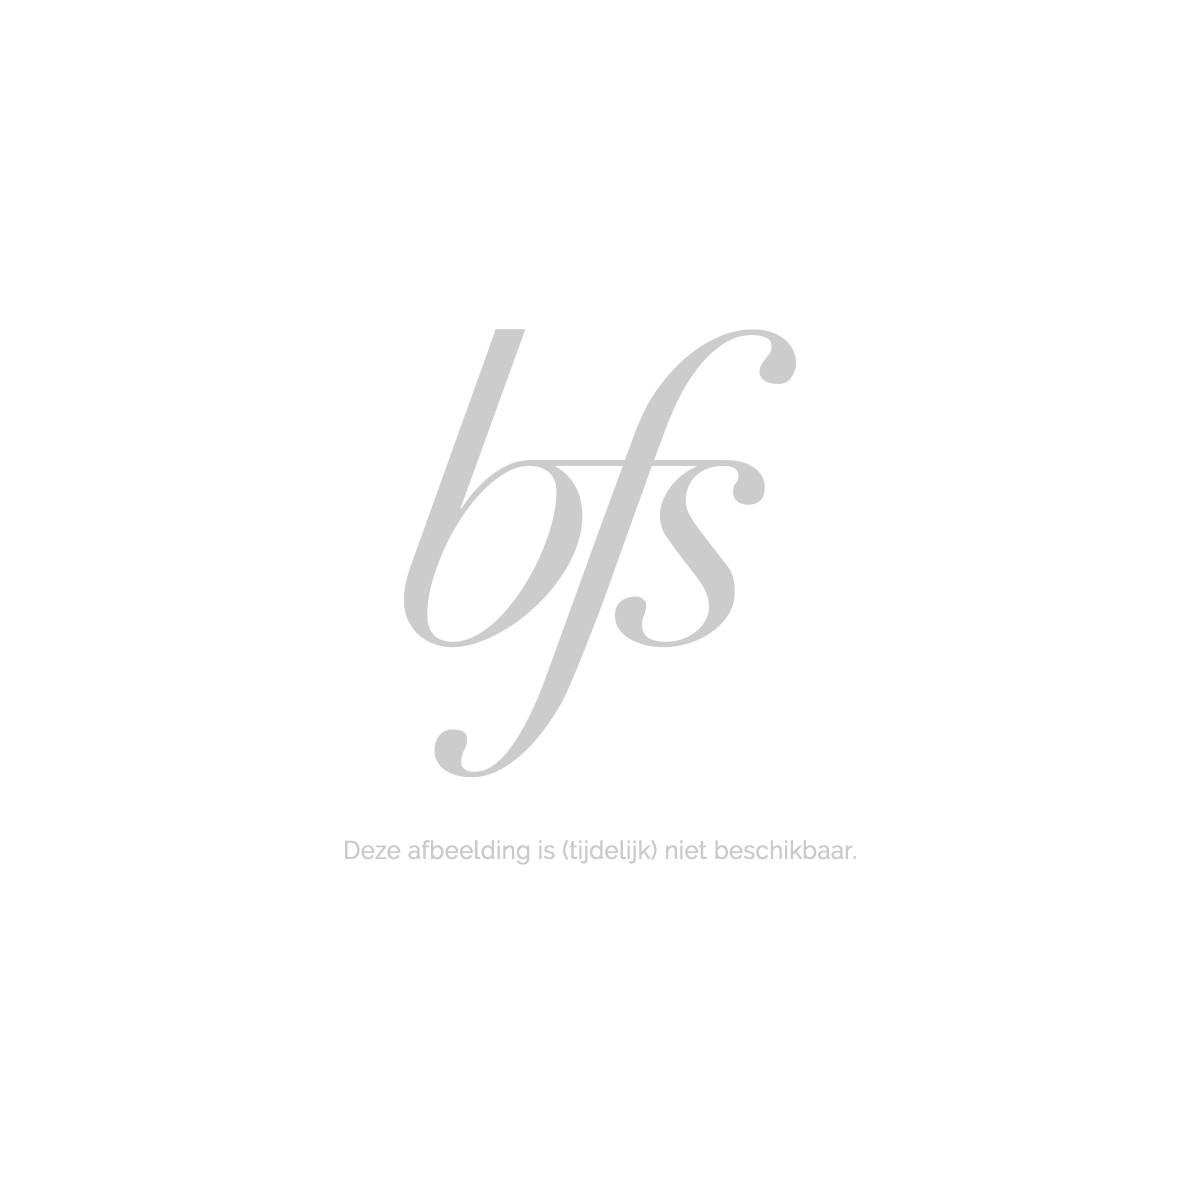 Elie Saab Le Parfum Eau De 50 Ml Gnstig Hautpflege Kaufen